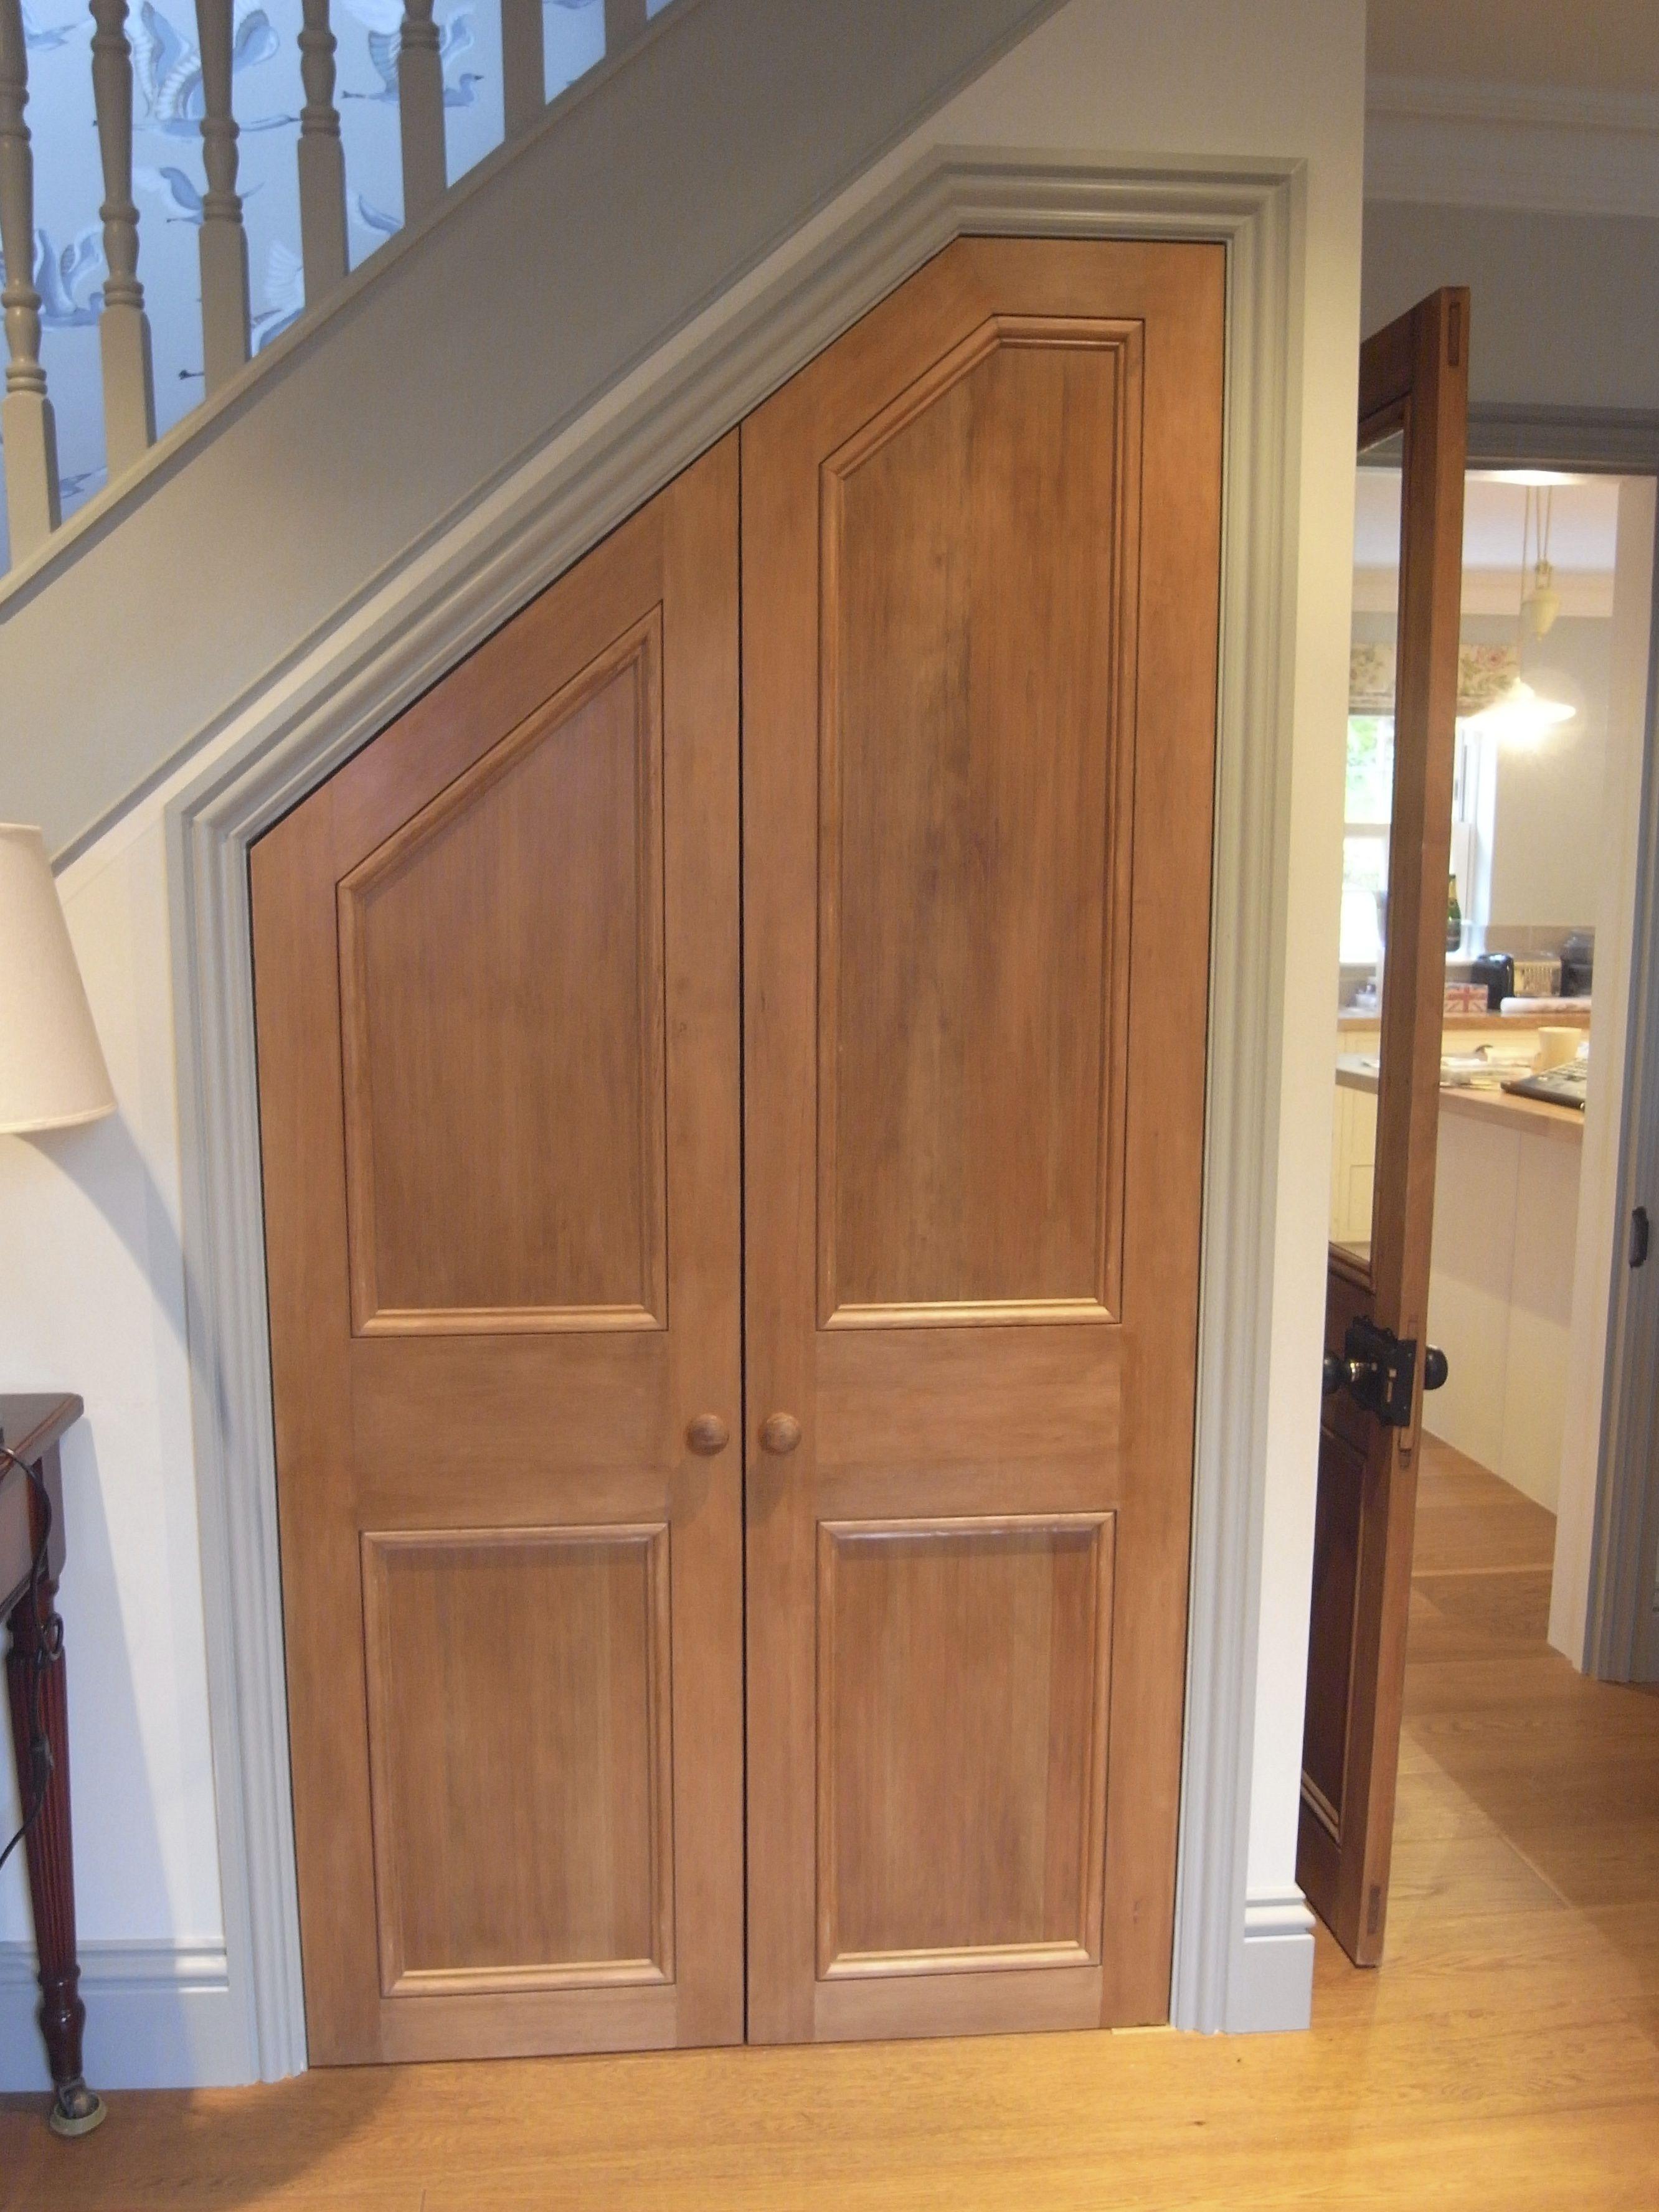 Douglas Fir Doors Under Stairs Cupboard Хранение под